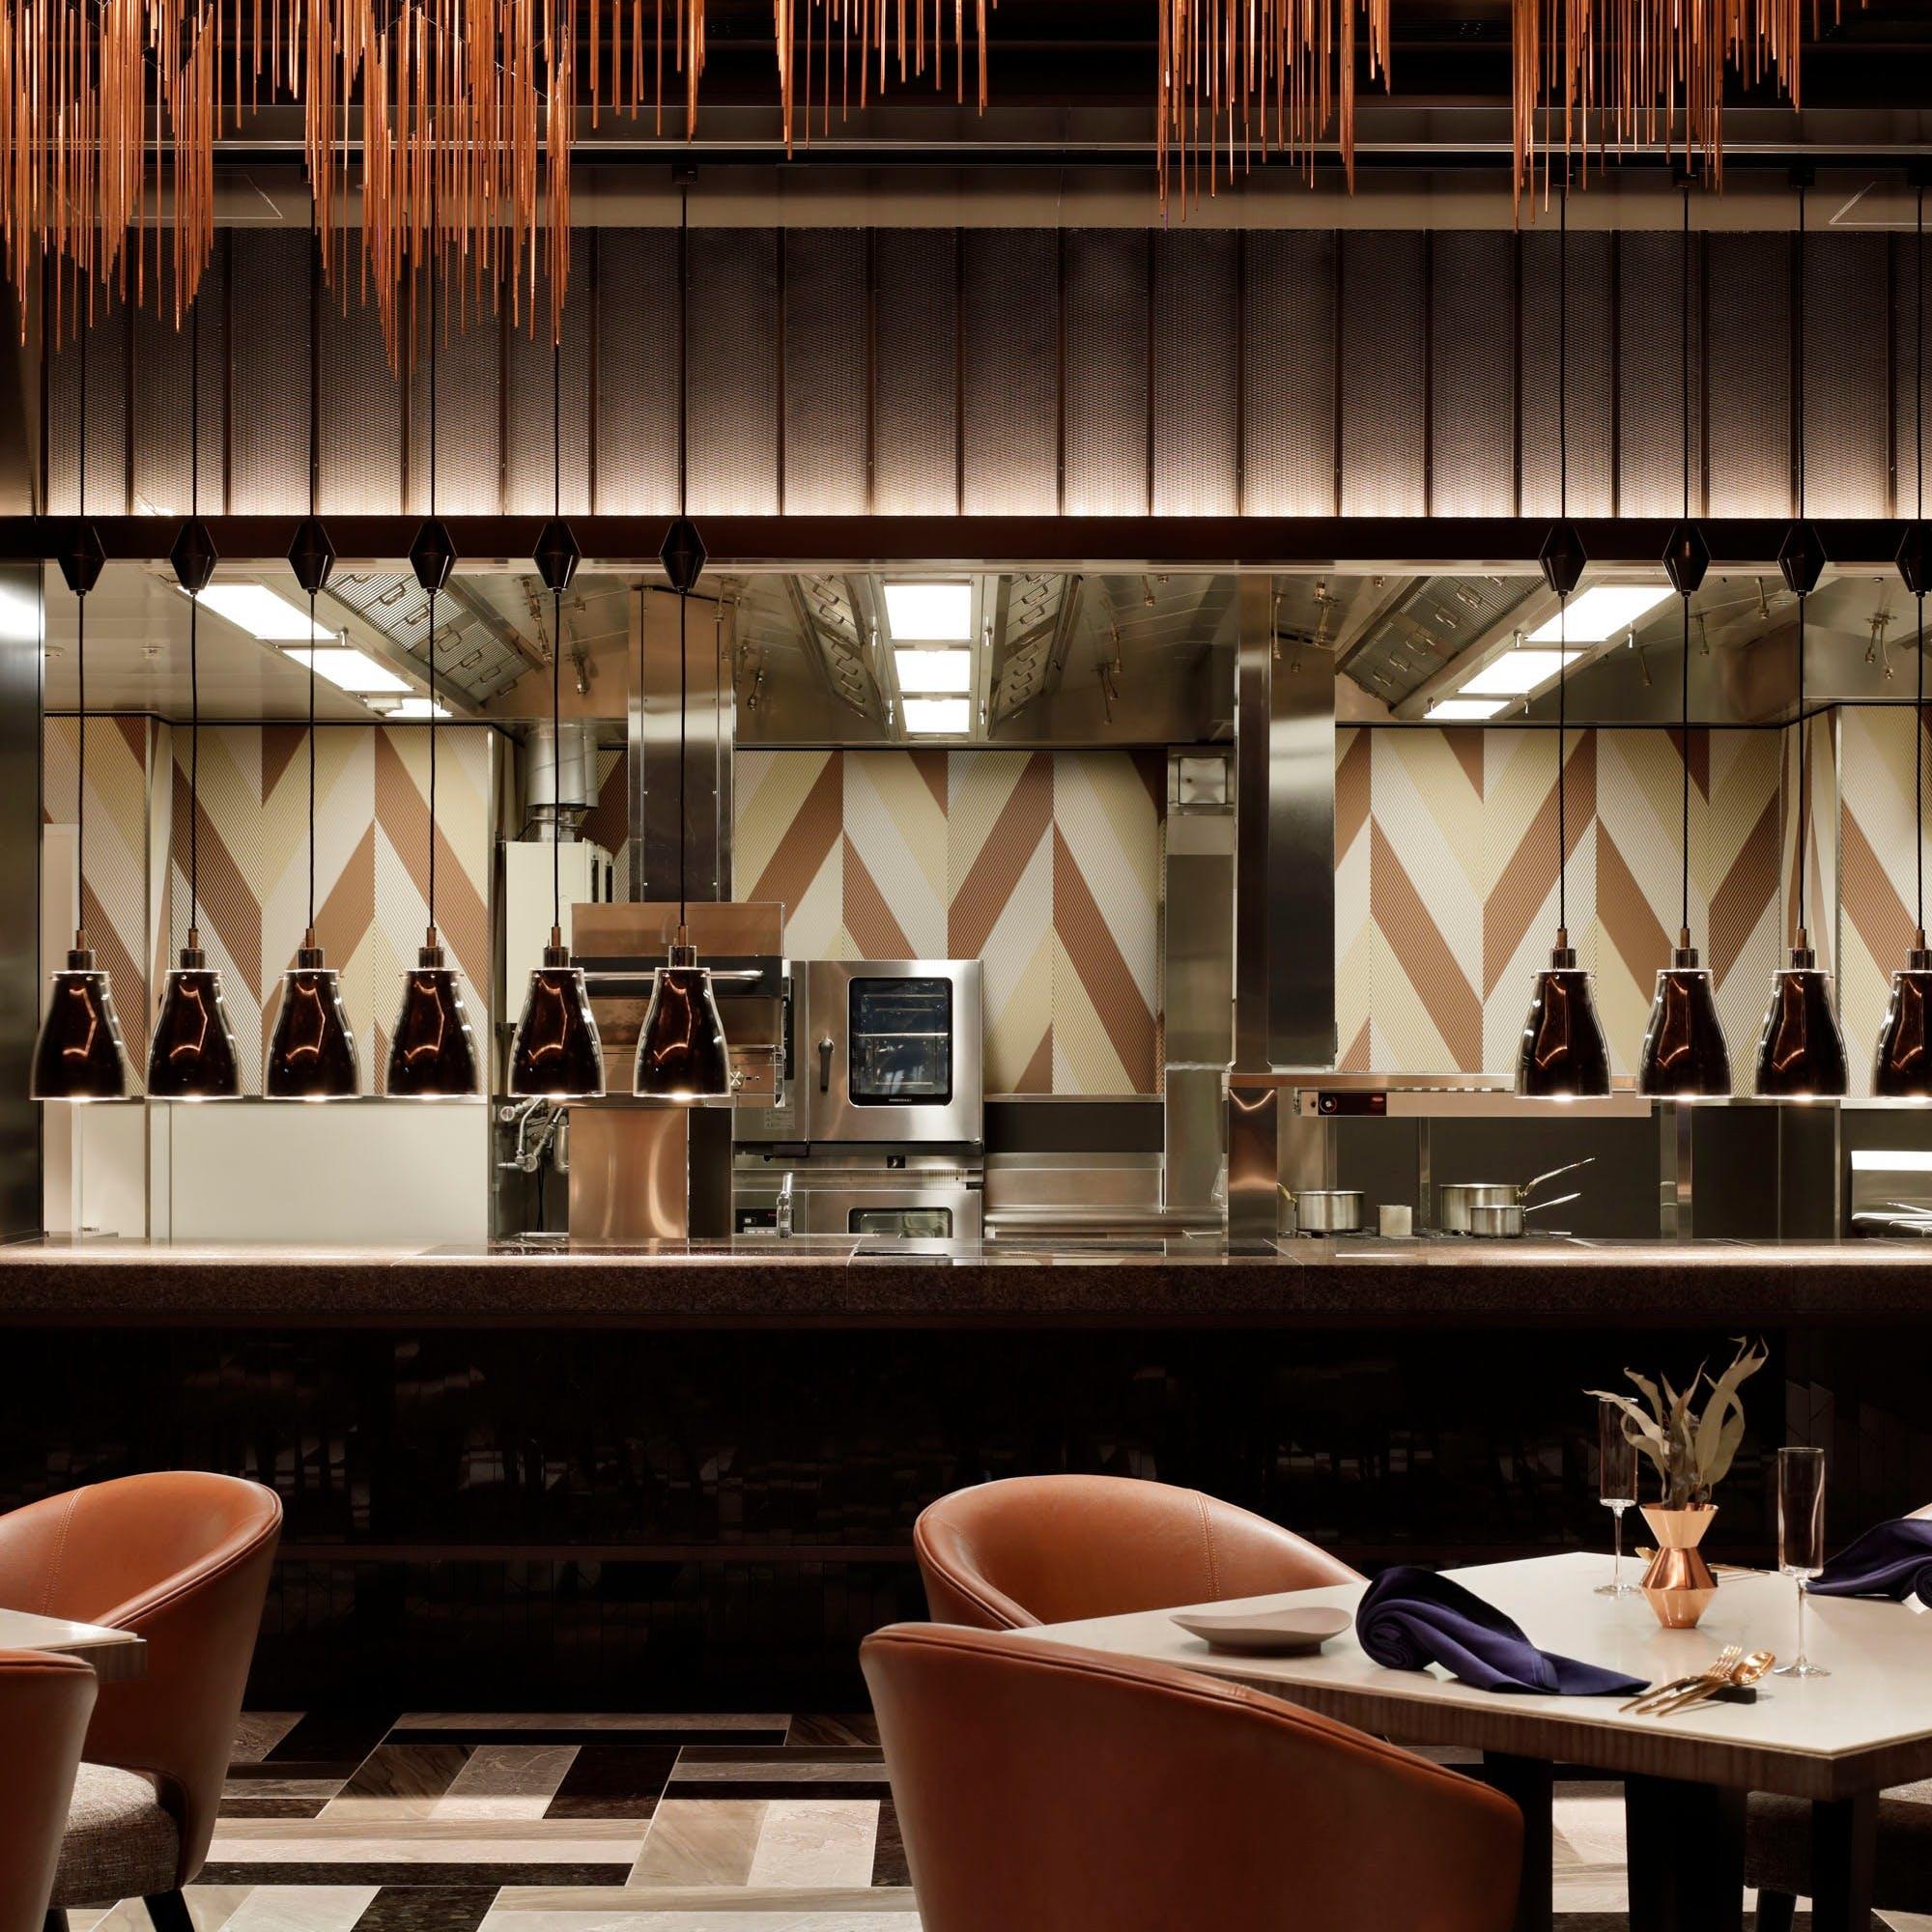 フレンチベースの<ビストロノミー>スタイルで提供するオープンキッチン付レストラン